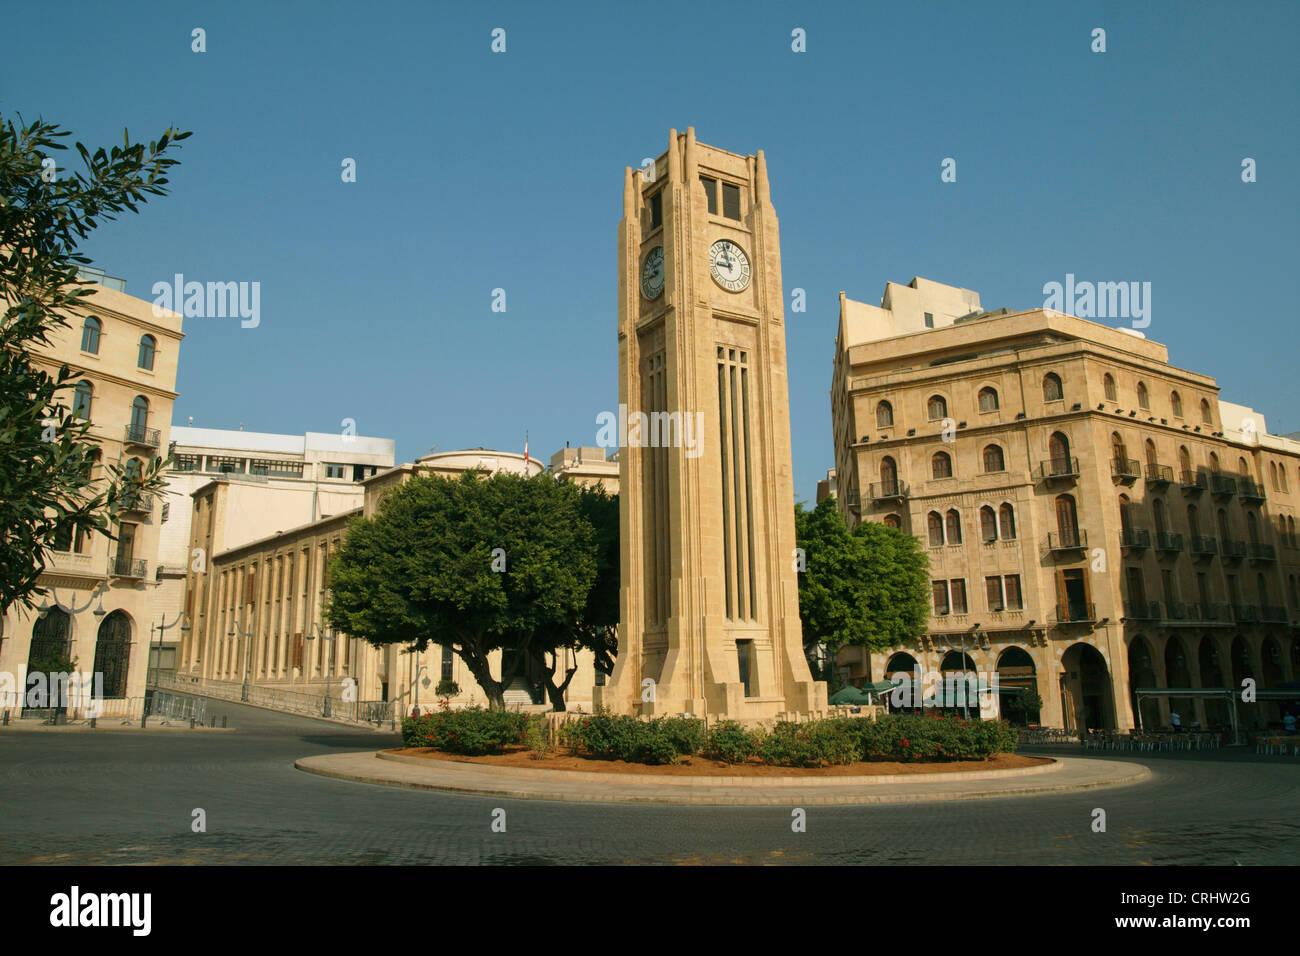 Tour de l'horloge au centre-ville, le Liban, Beyrouth Banque D'Images